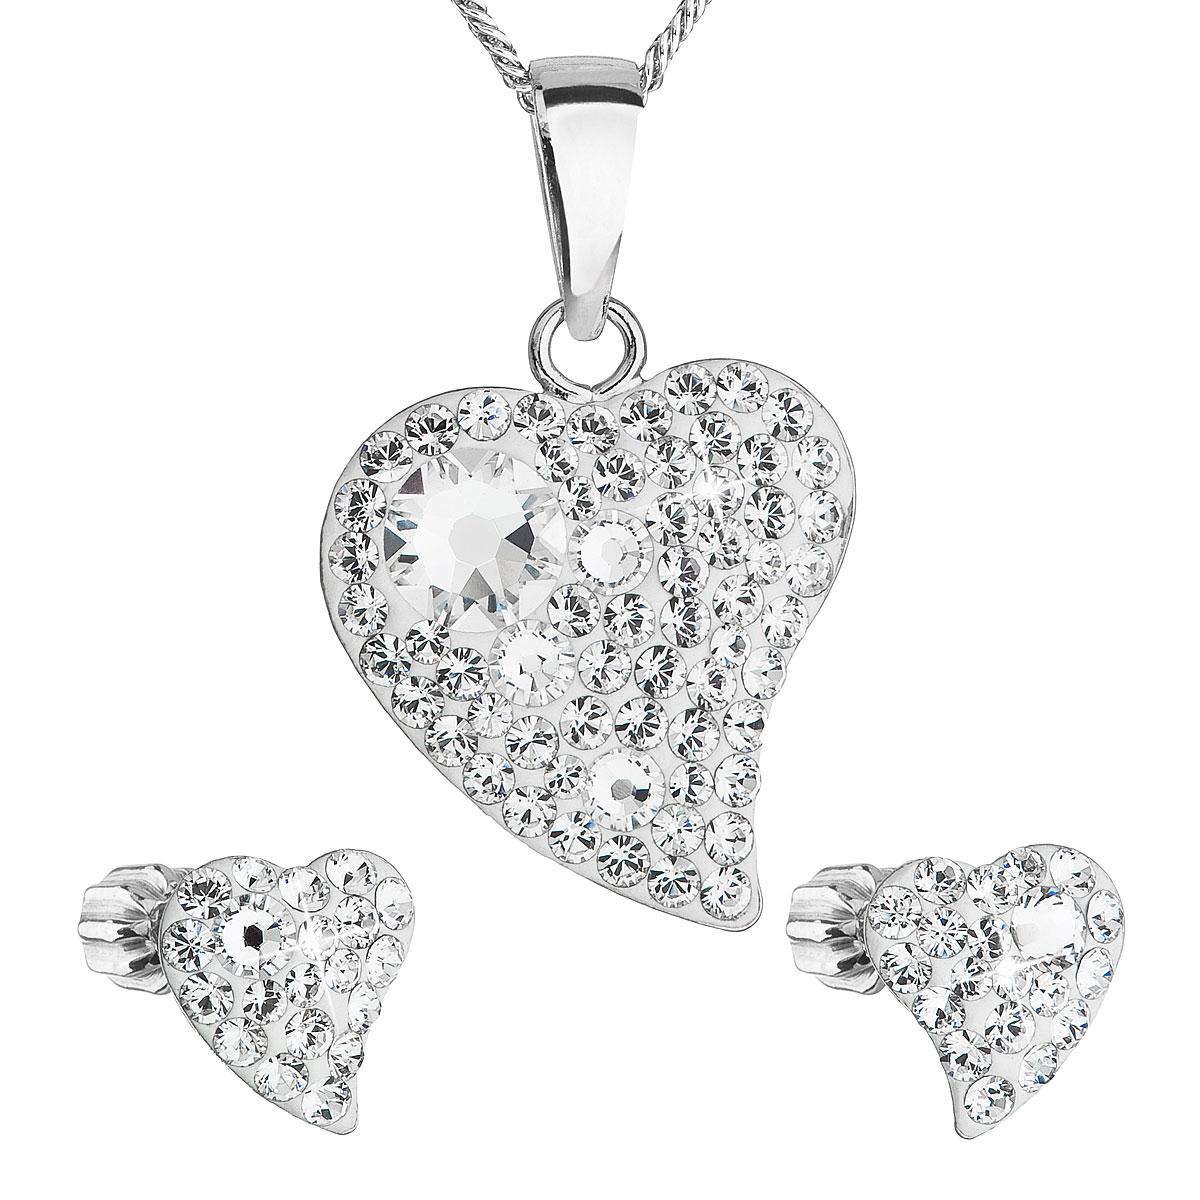 Sada šperkov s krištálmi Swarovski náušnice,retiazka a prívesok biele srdce 39170.1